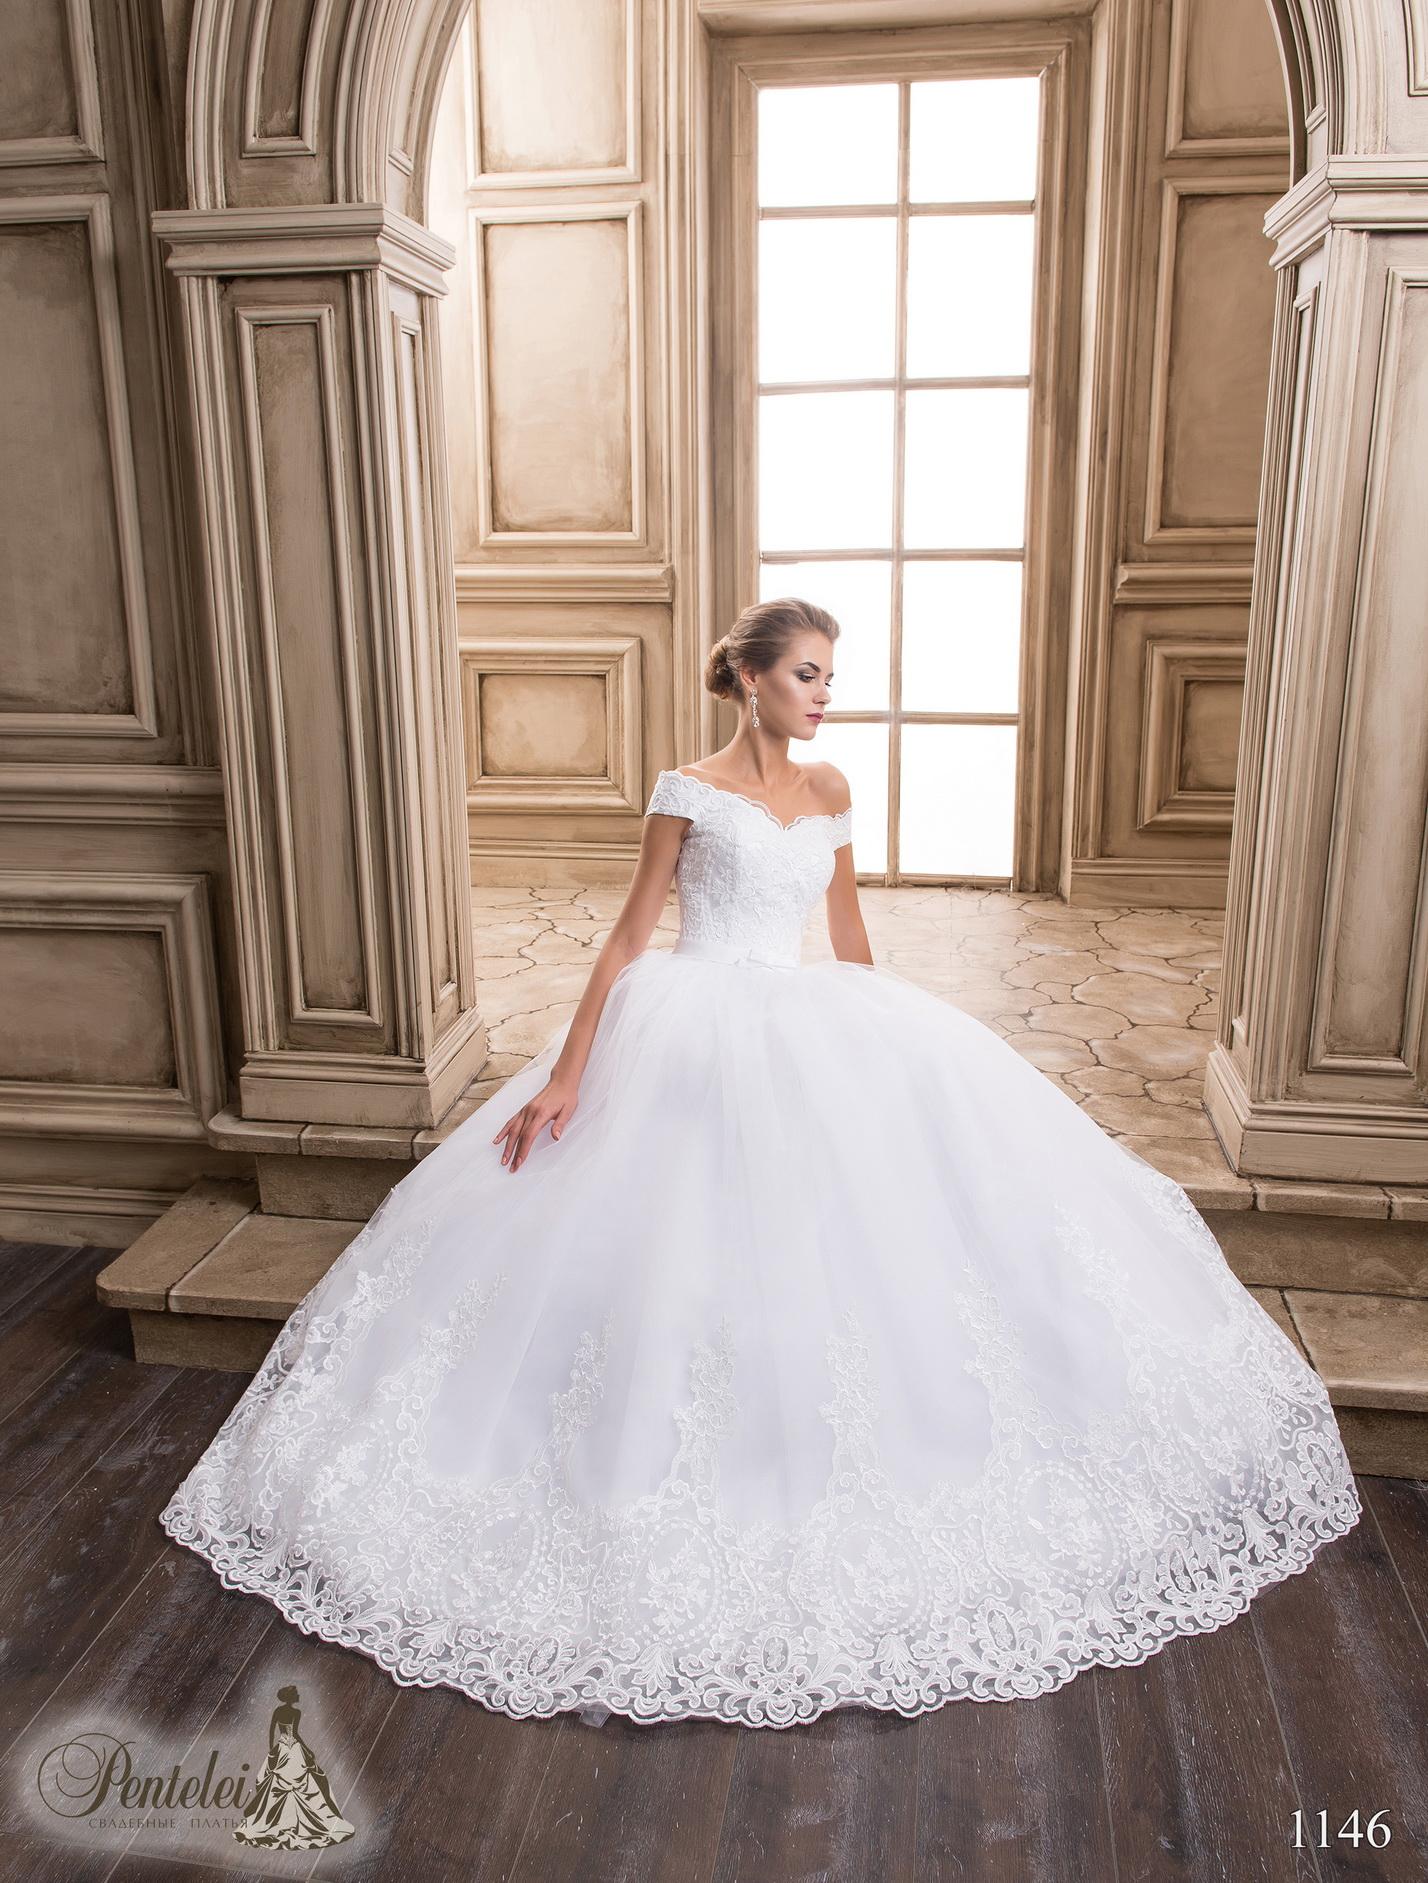 1146   Купить свадебные платья оптом от Pentelei